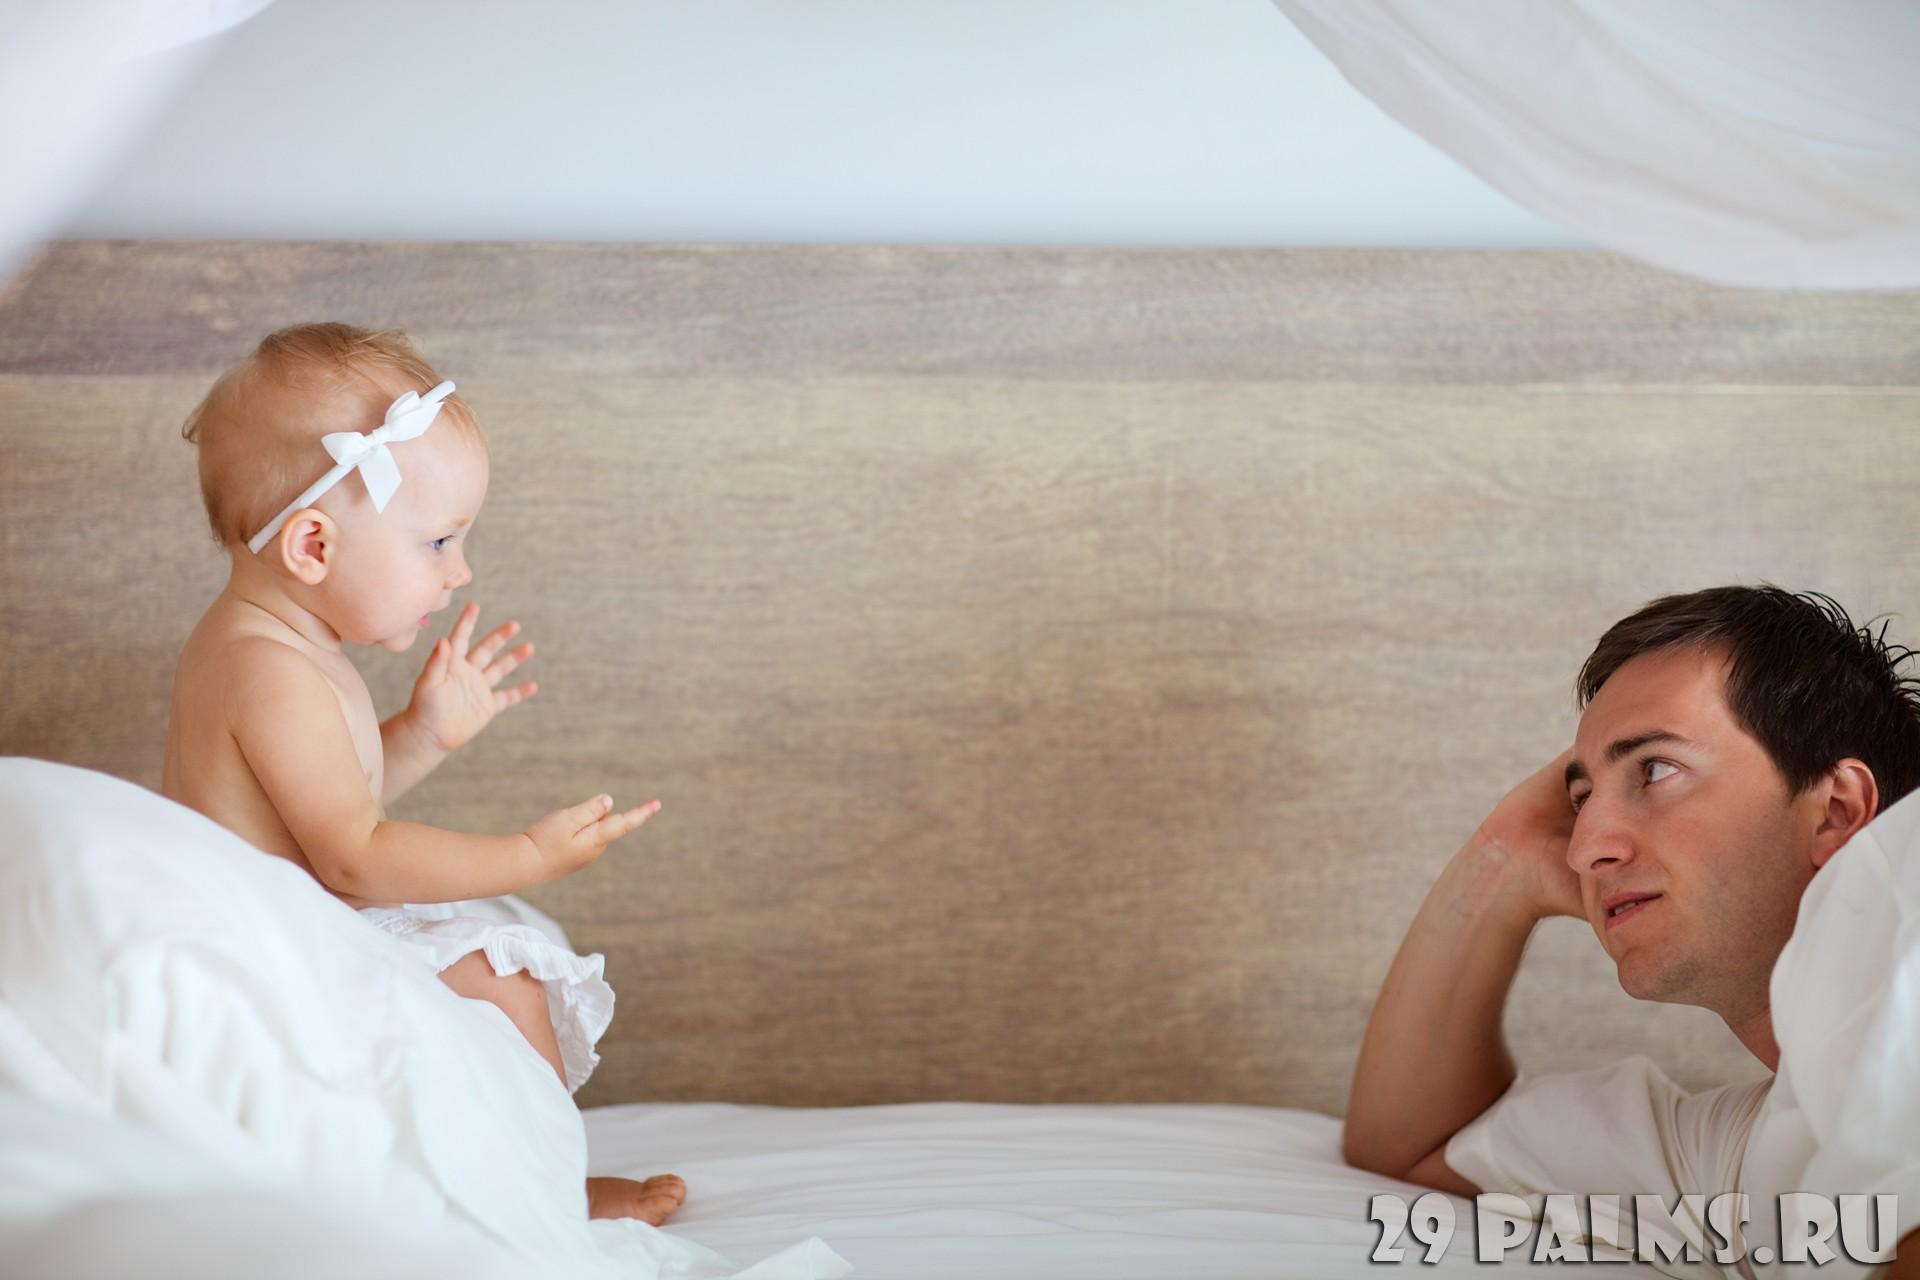 Разговоры перед сном